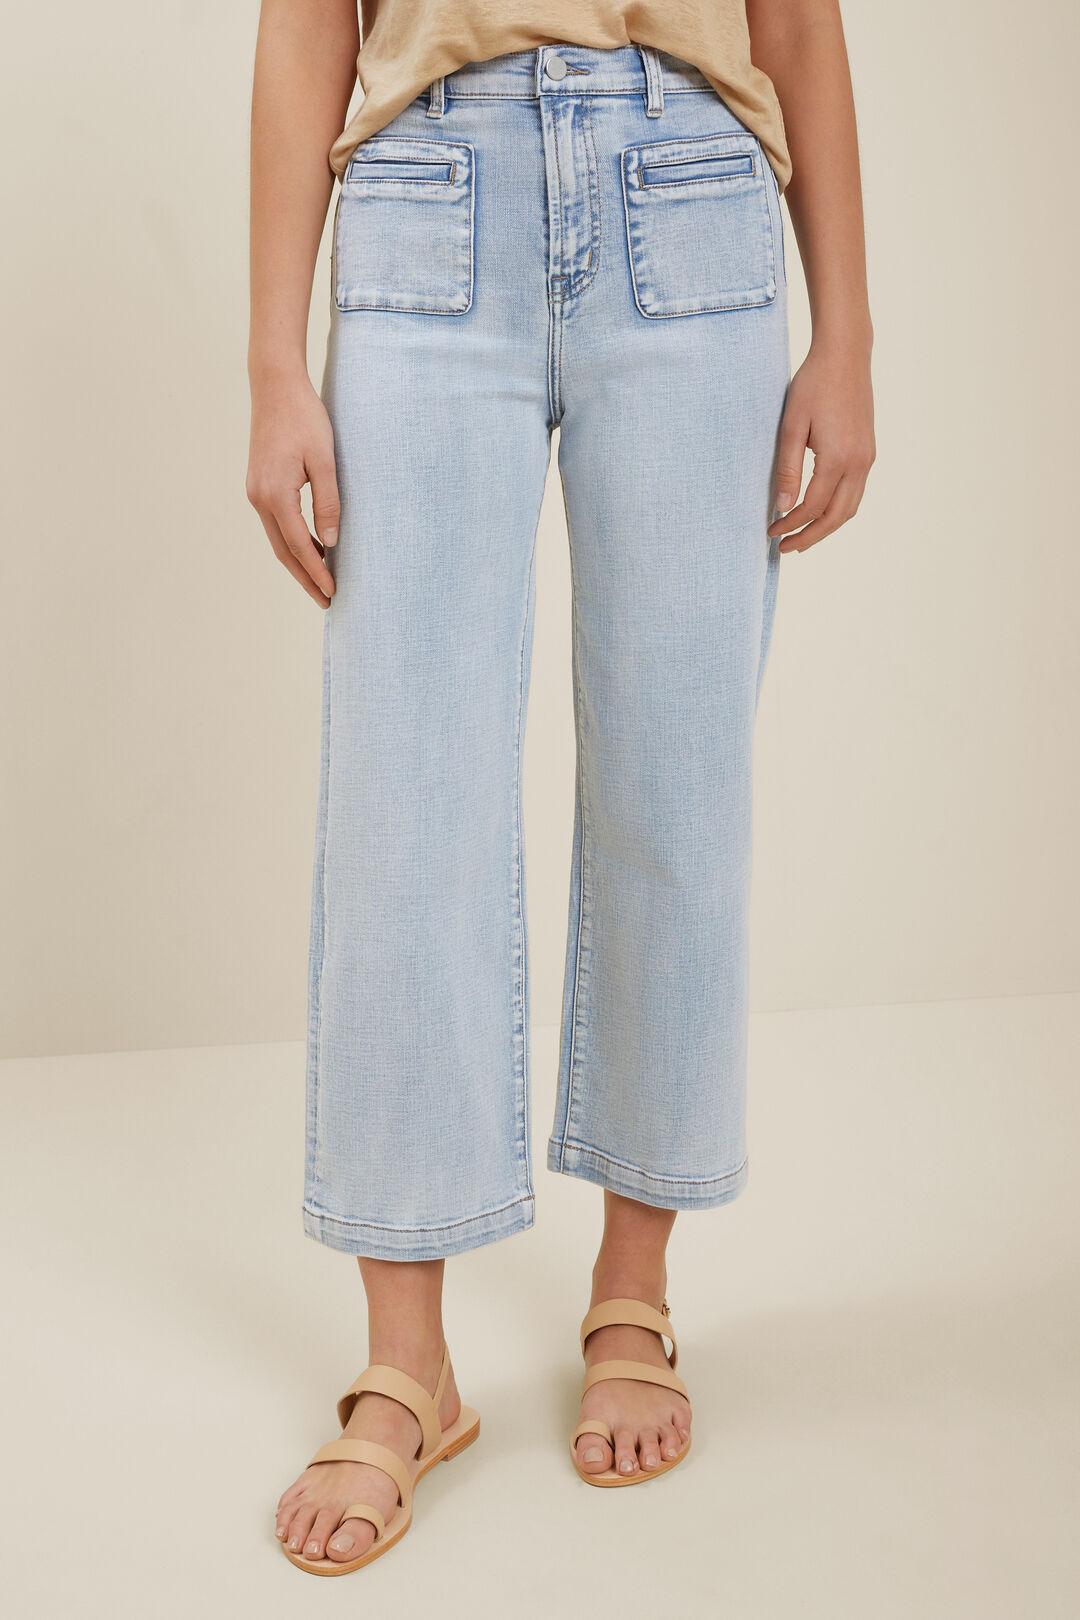 Front Pocket Crop Jeans  Sky Blue Rinse  hi-res